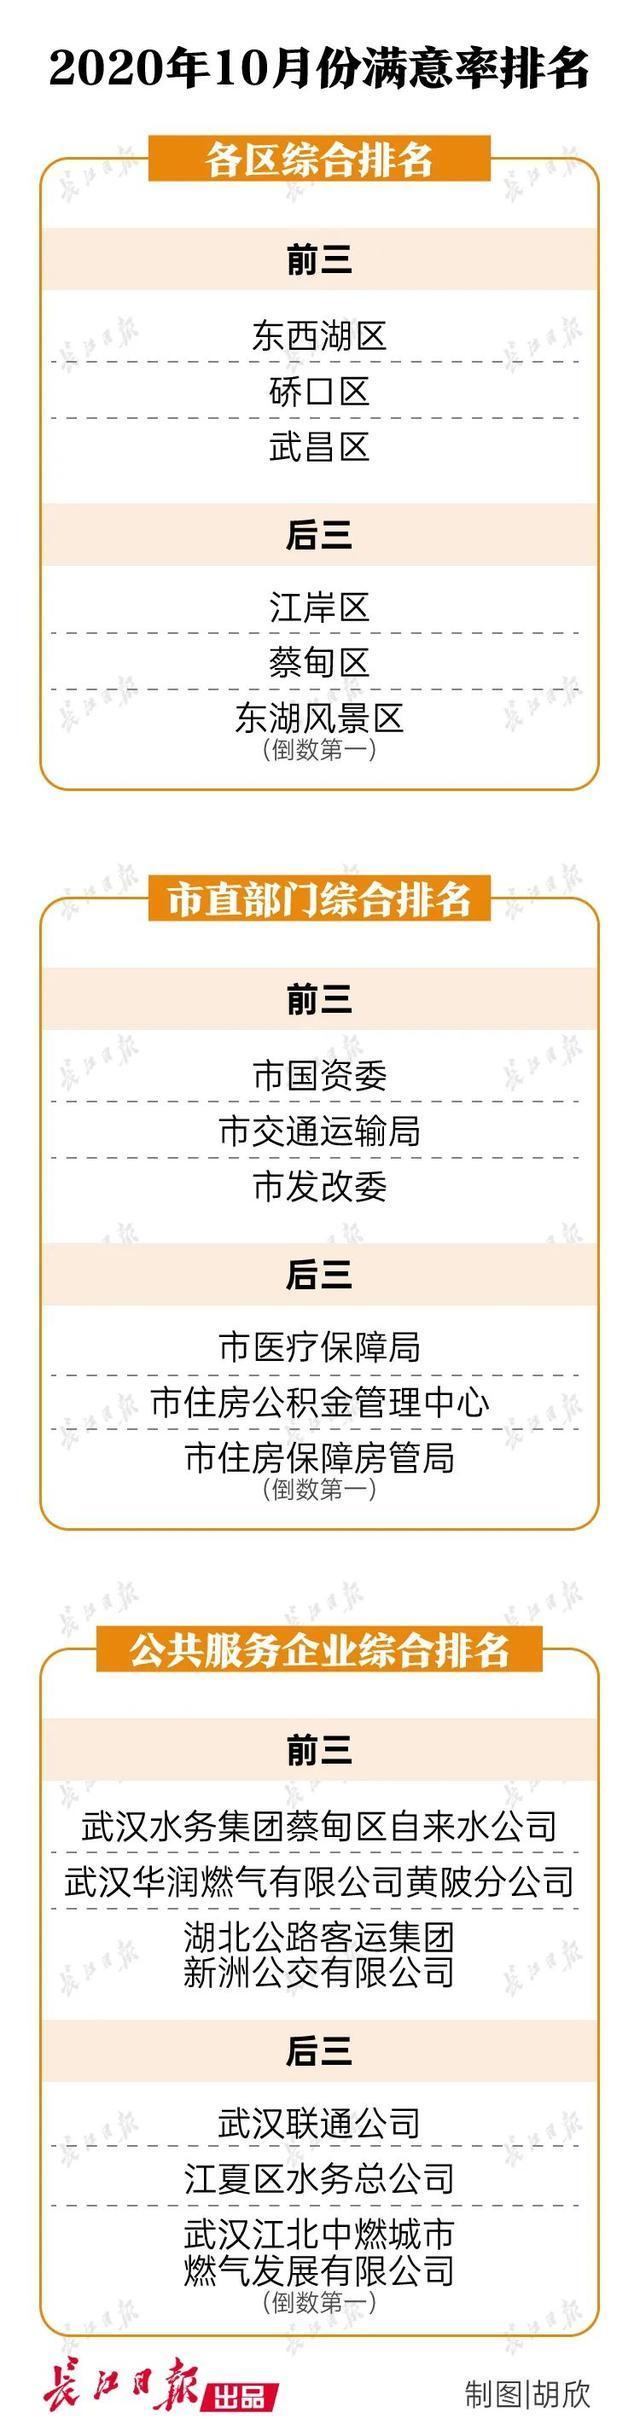 最新排名!武汉十个单位排名最后,有一批被点名表扬。 第2张